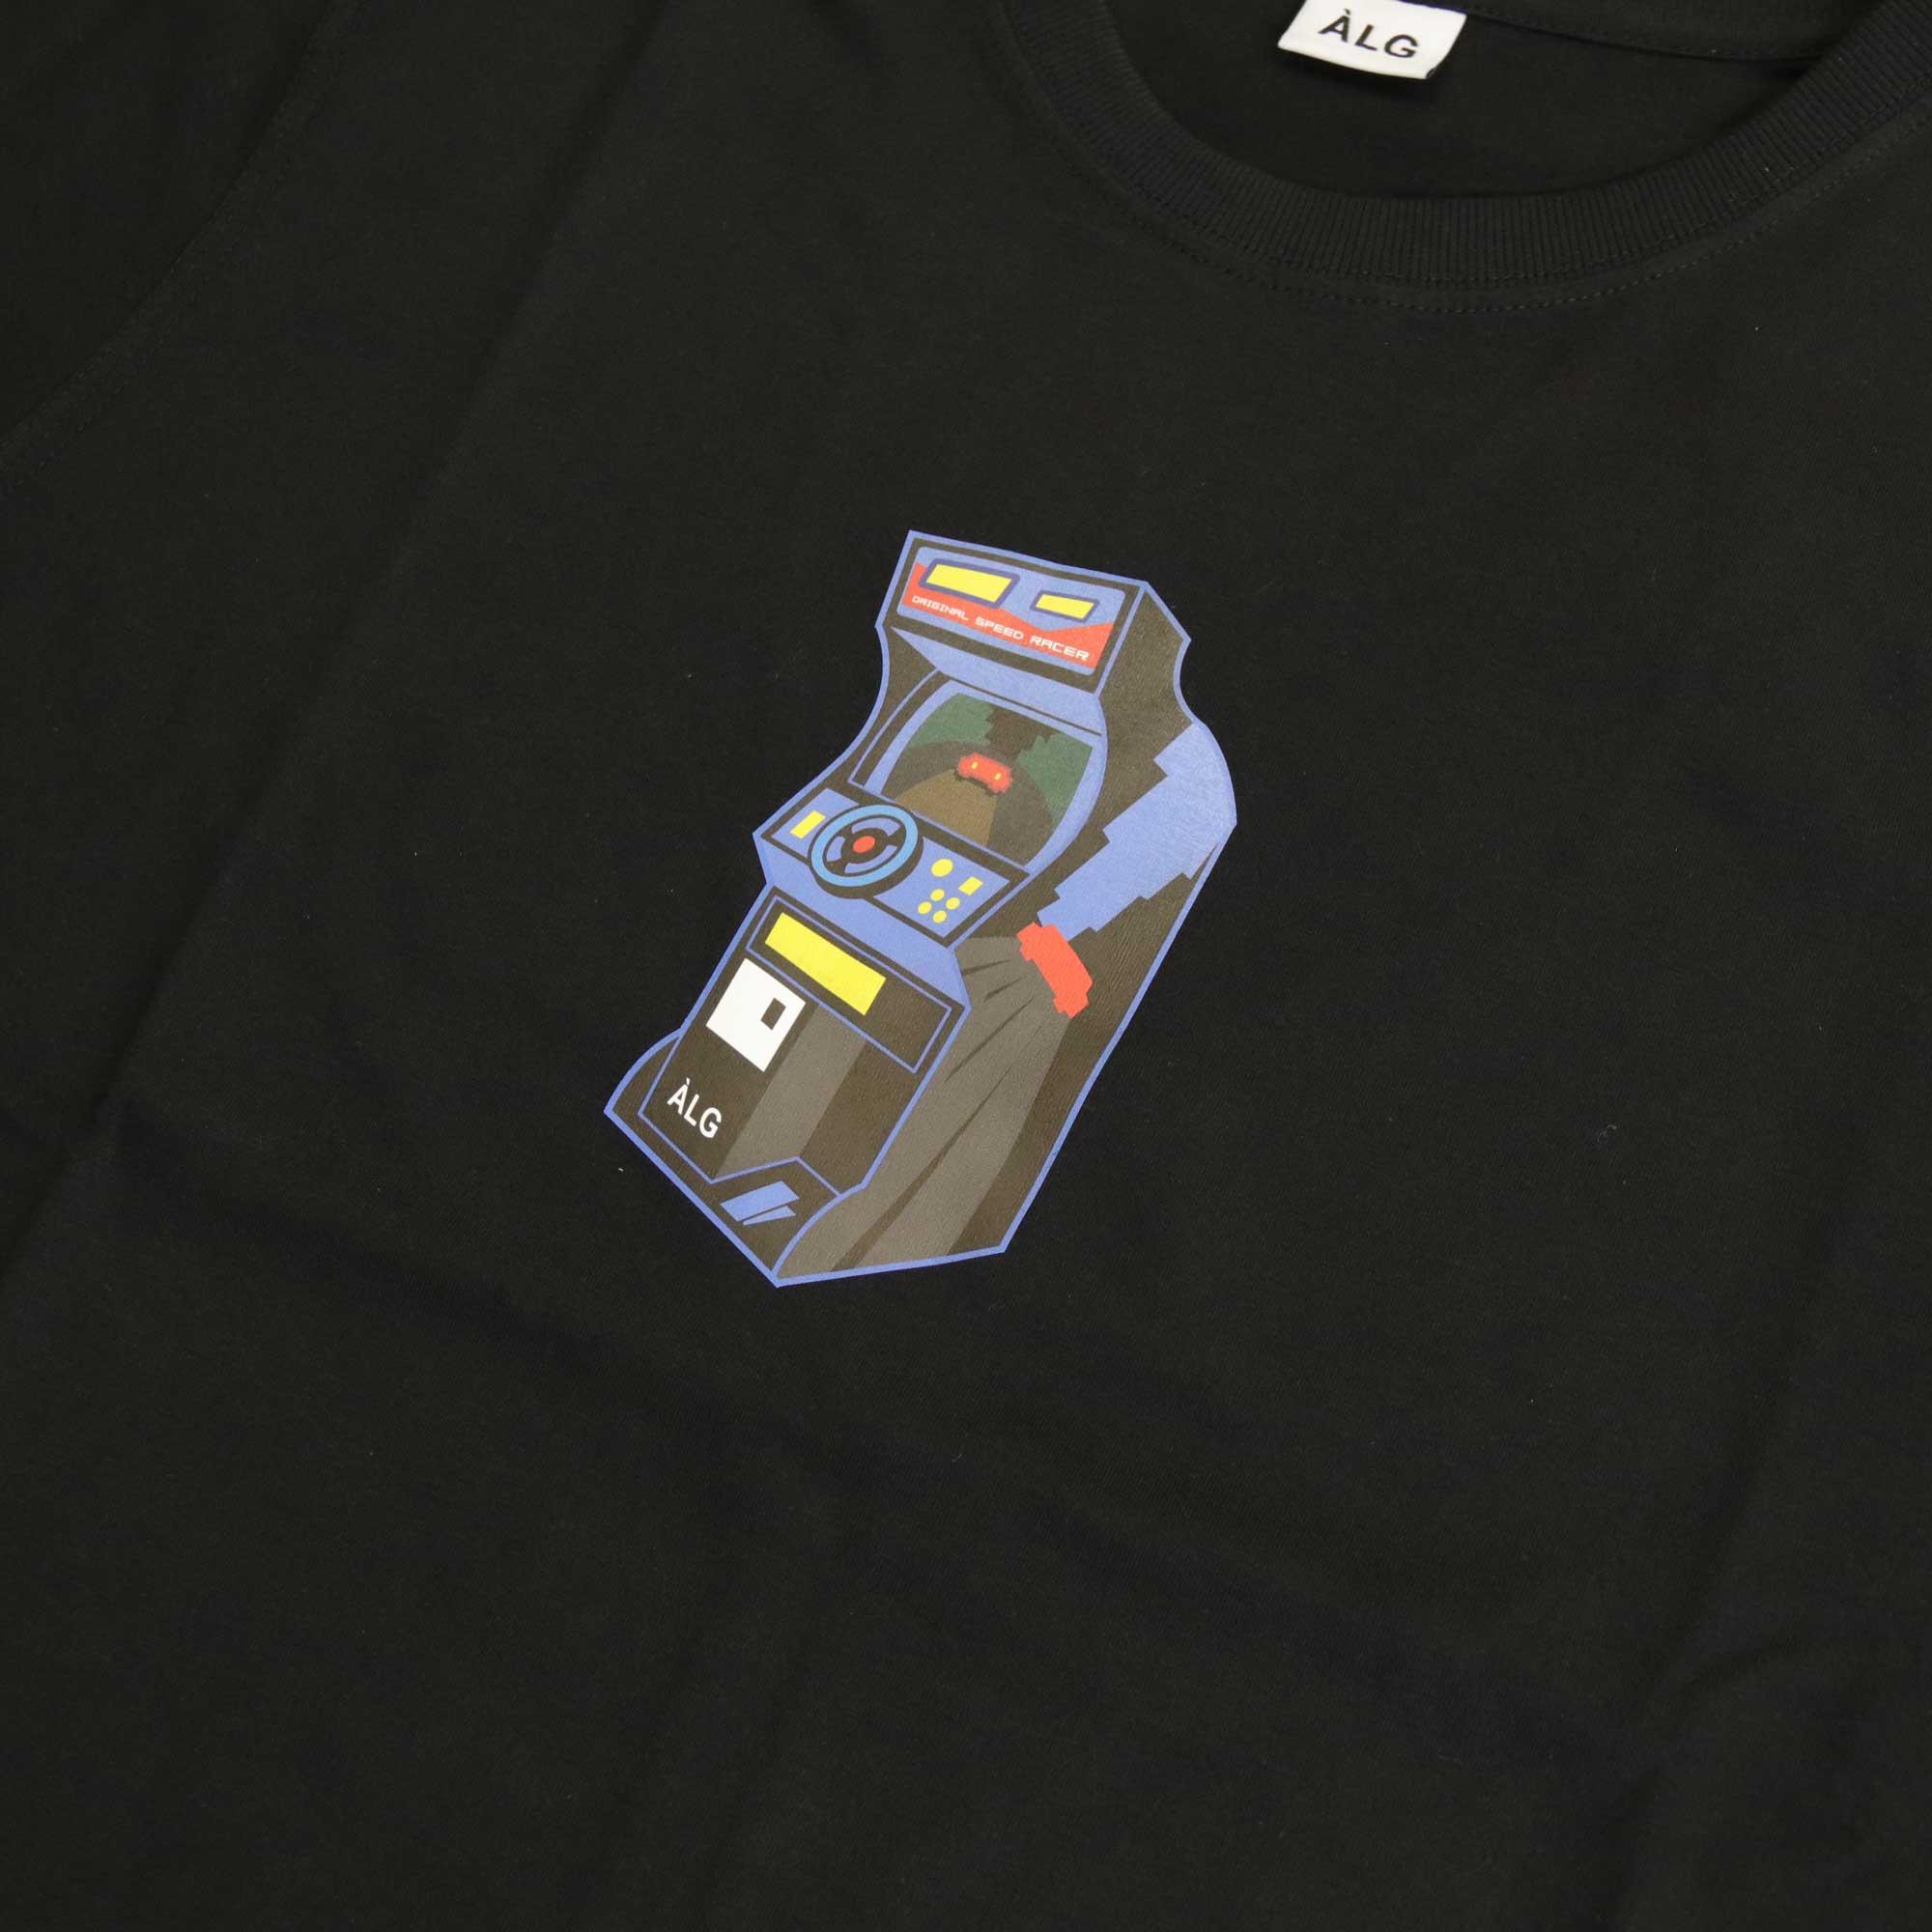 """Camiseta ÀLG """"Fliperama"""" Preta"""